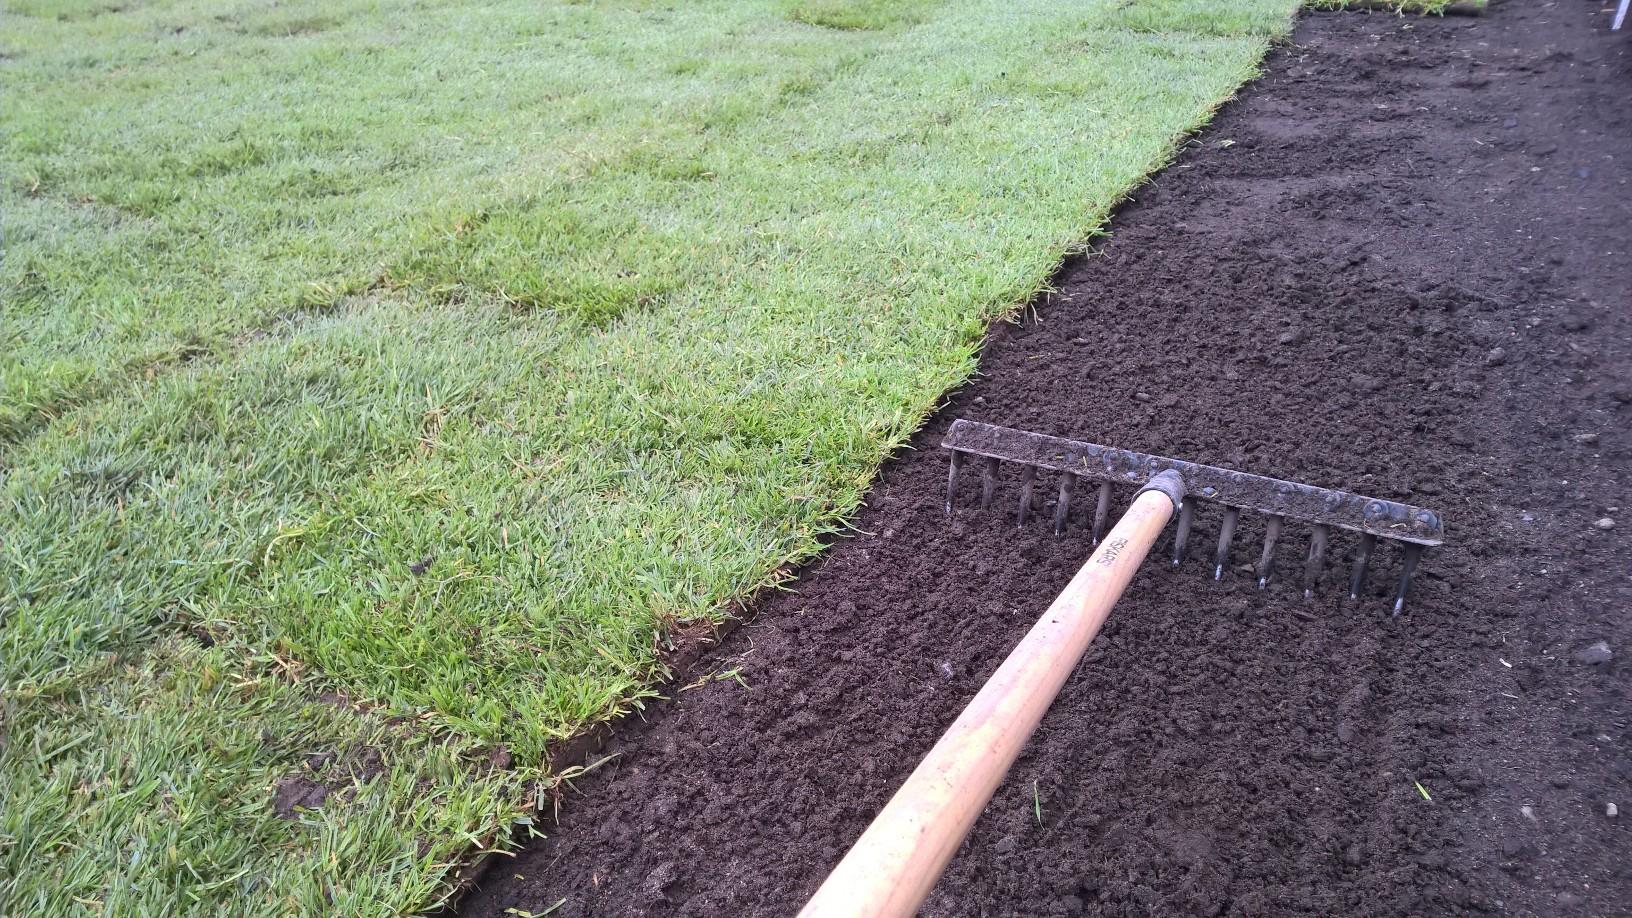 Harasin jyrätyn pinnan kevyesti rikki ennen asennusta, jotta hentojen juurien olisi helpompi työntyä uuteen multaan.